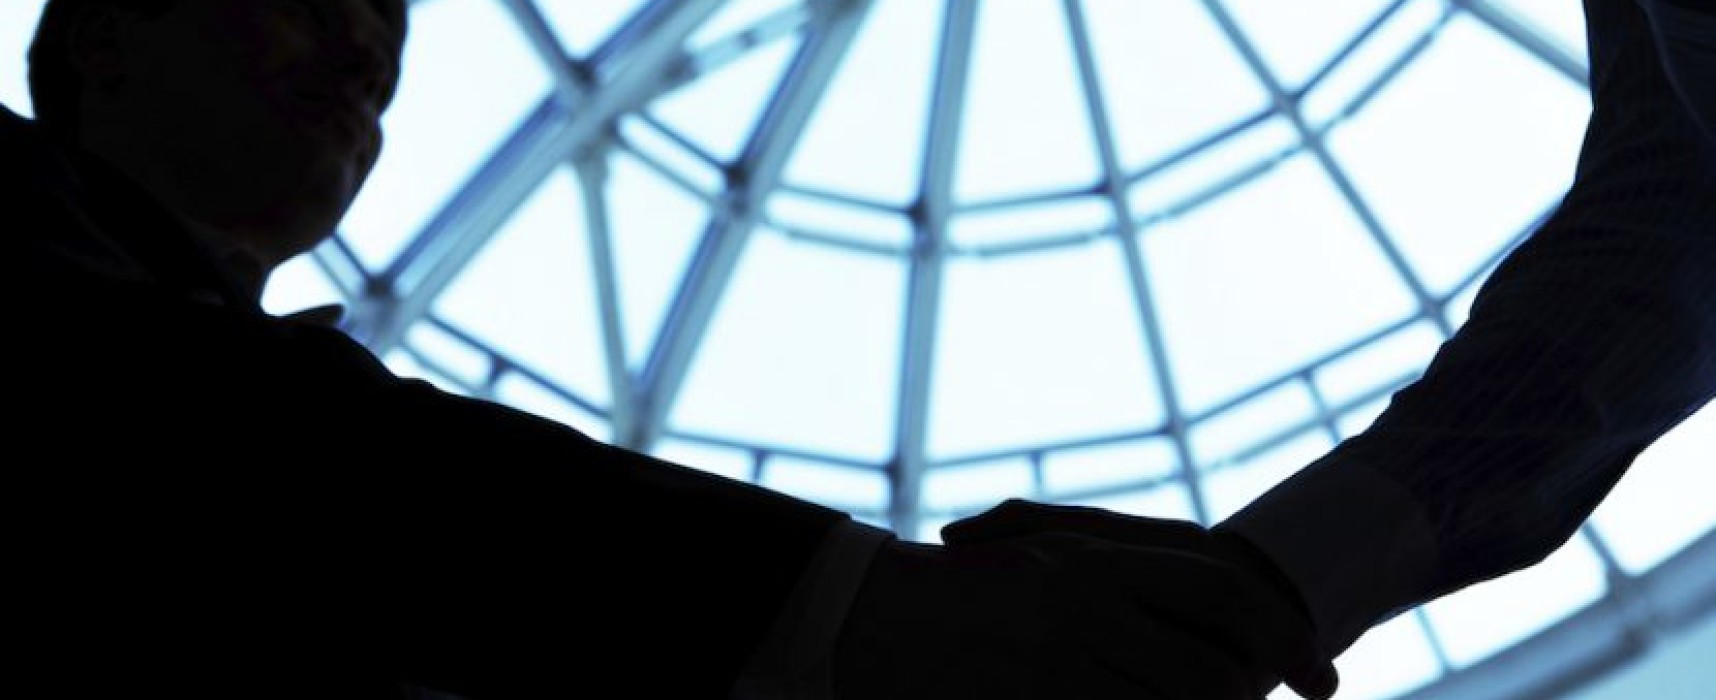 Carriera diplomatica: Concorso, per titoli ed esami, a 35 posti di segretario di legazione in prova